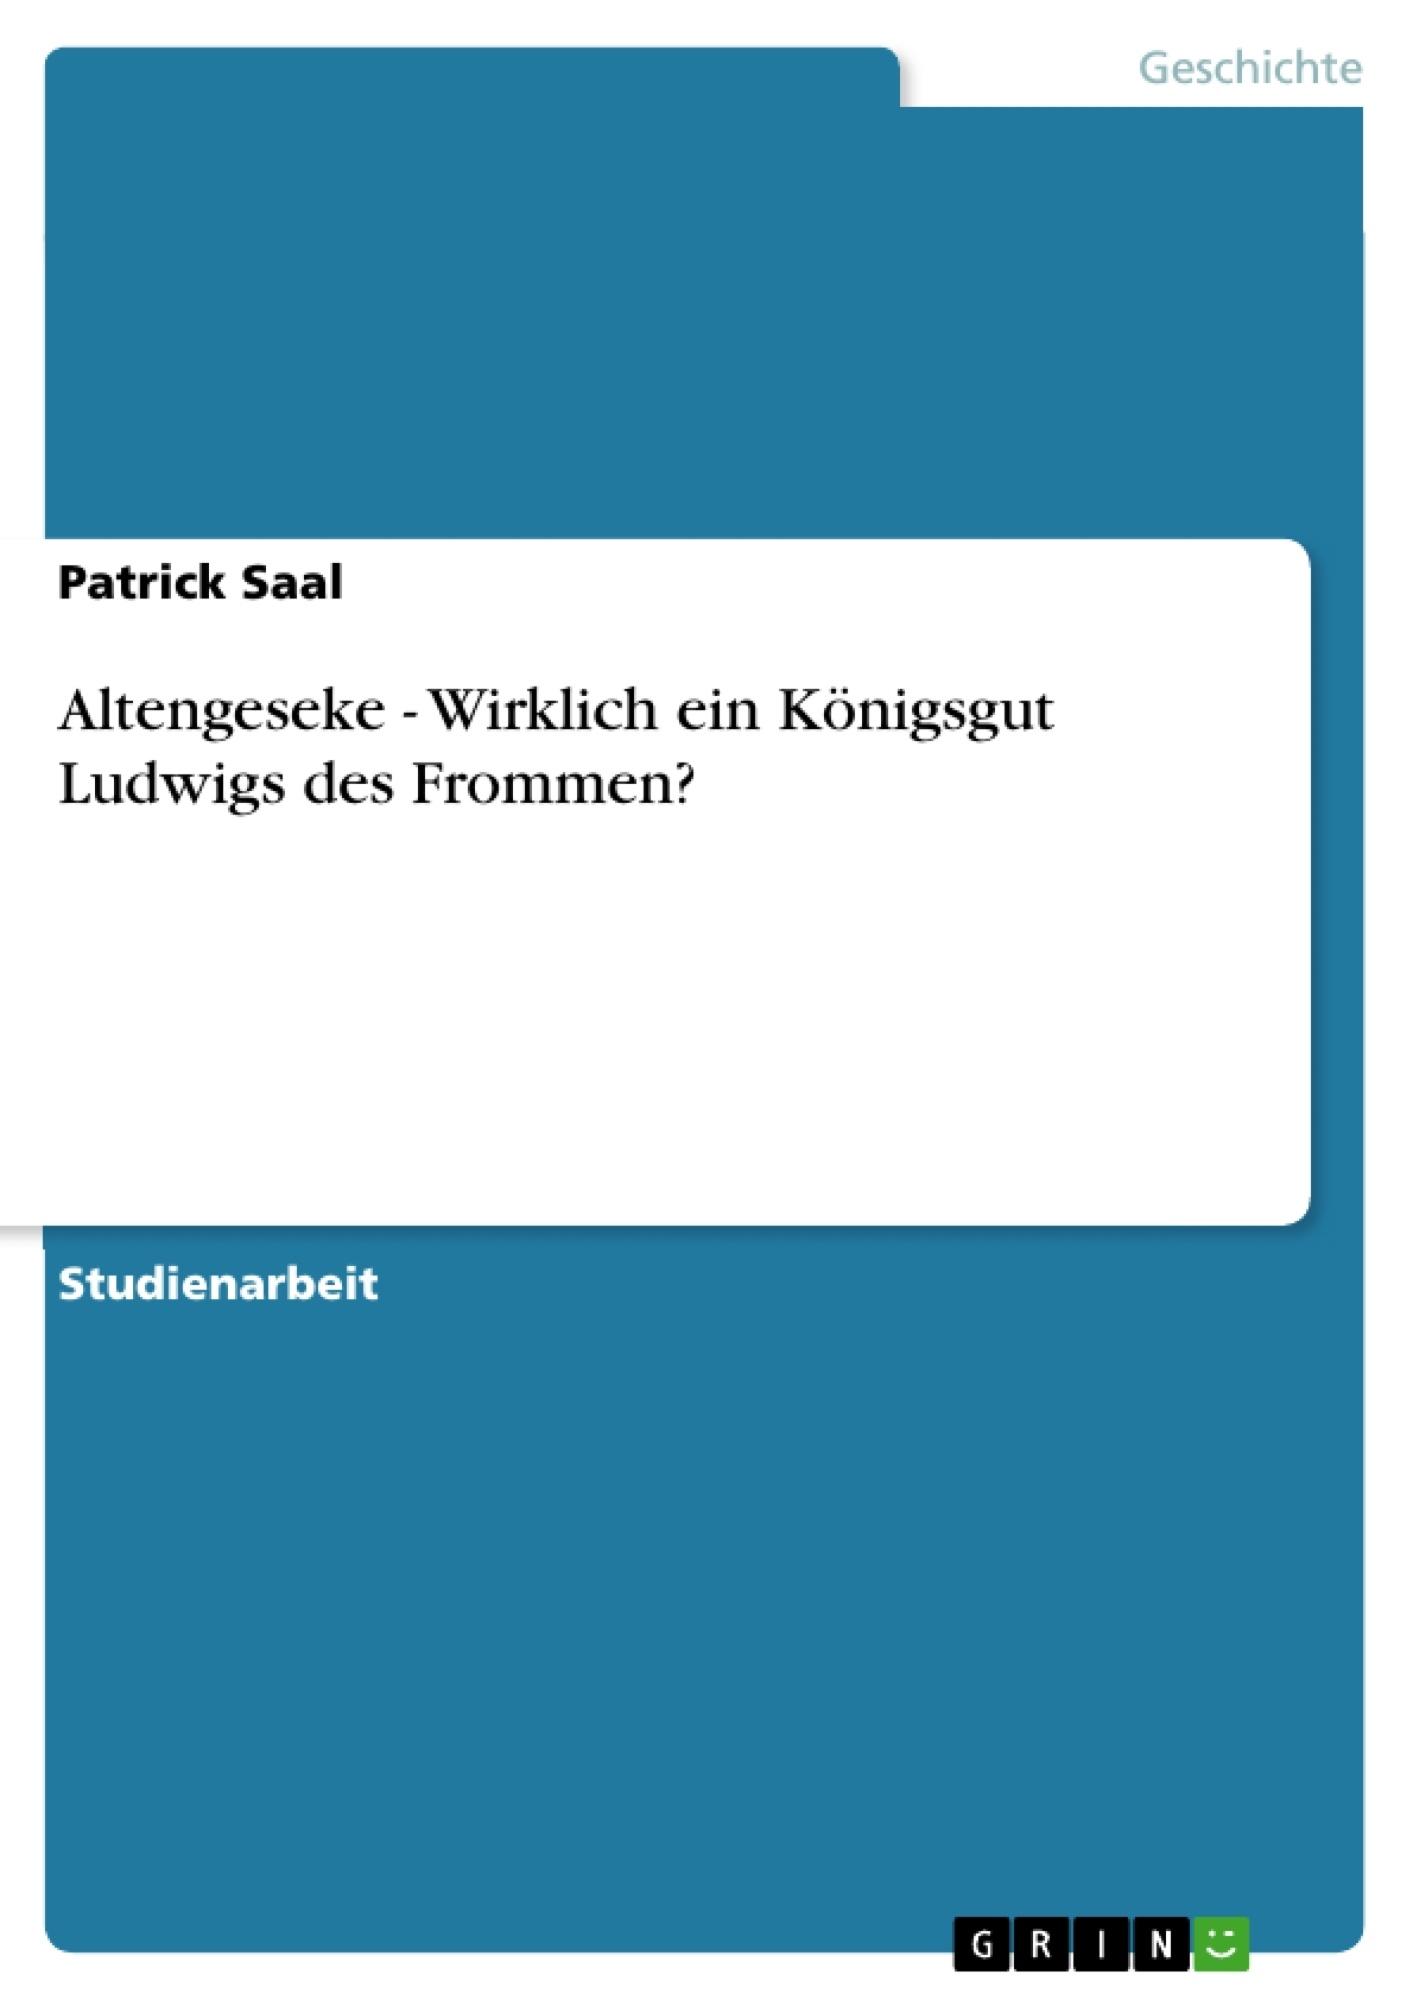 Titel: Altengeseke - Wirklich ein Königsgut Ludwigs des Frommen?